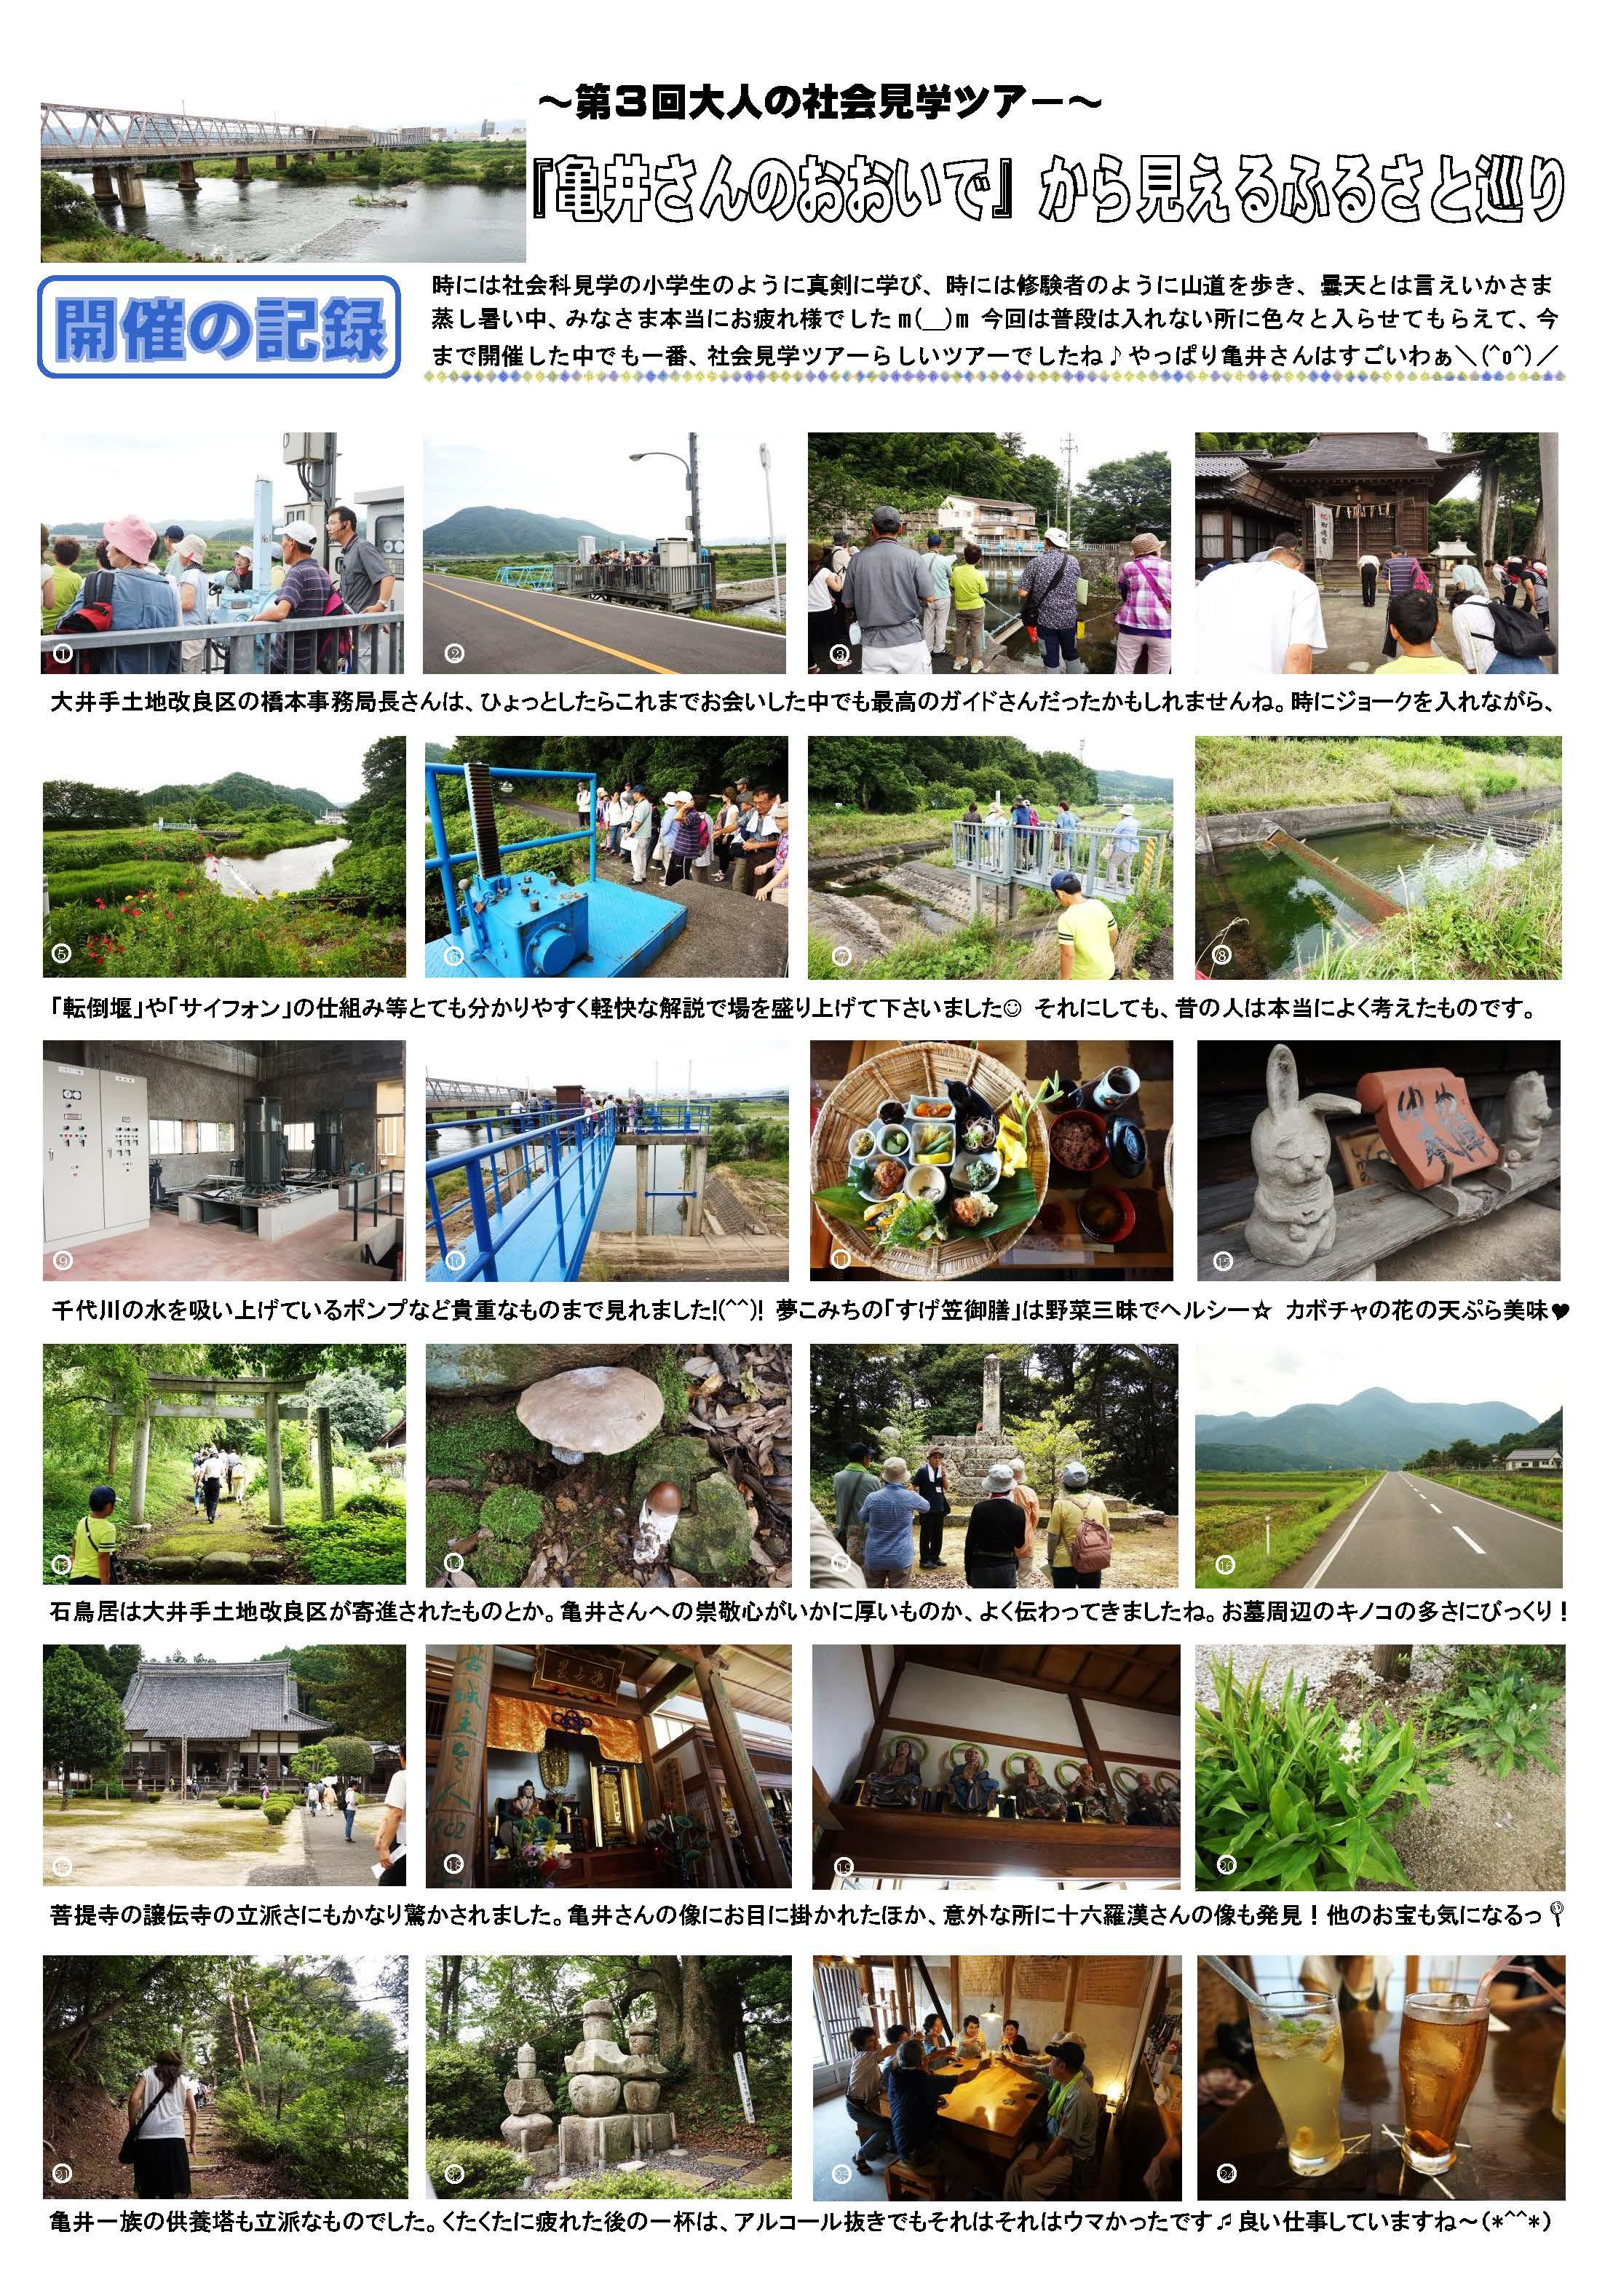 亀井さんのおおいでから見えるふるさと巡り開催記録